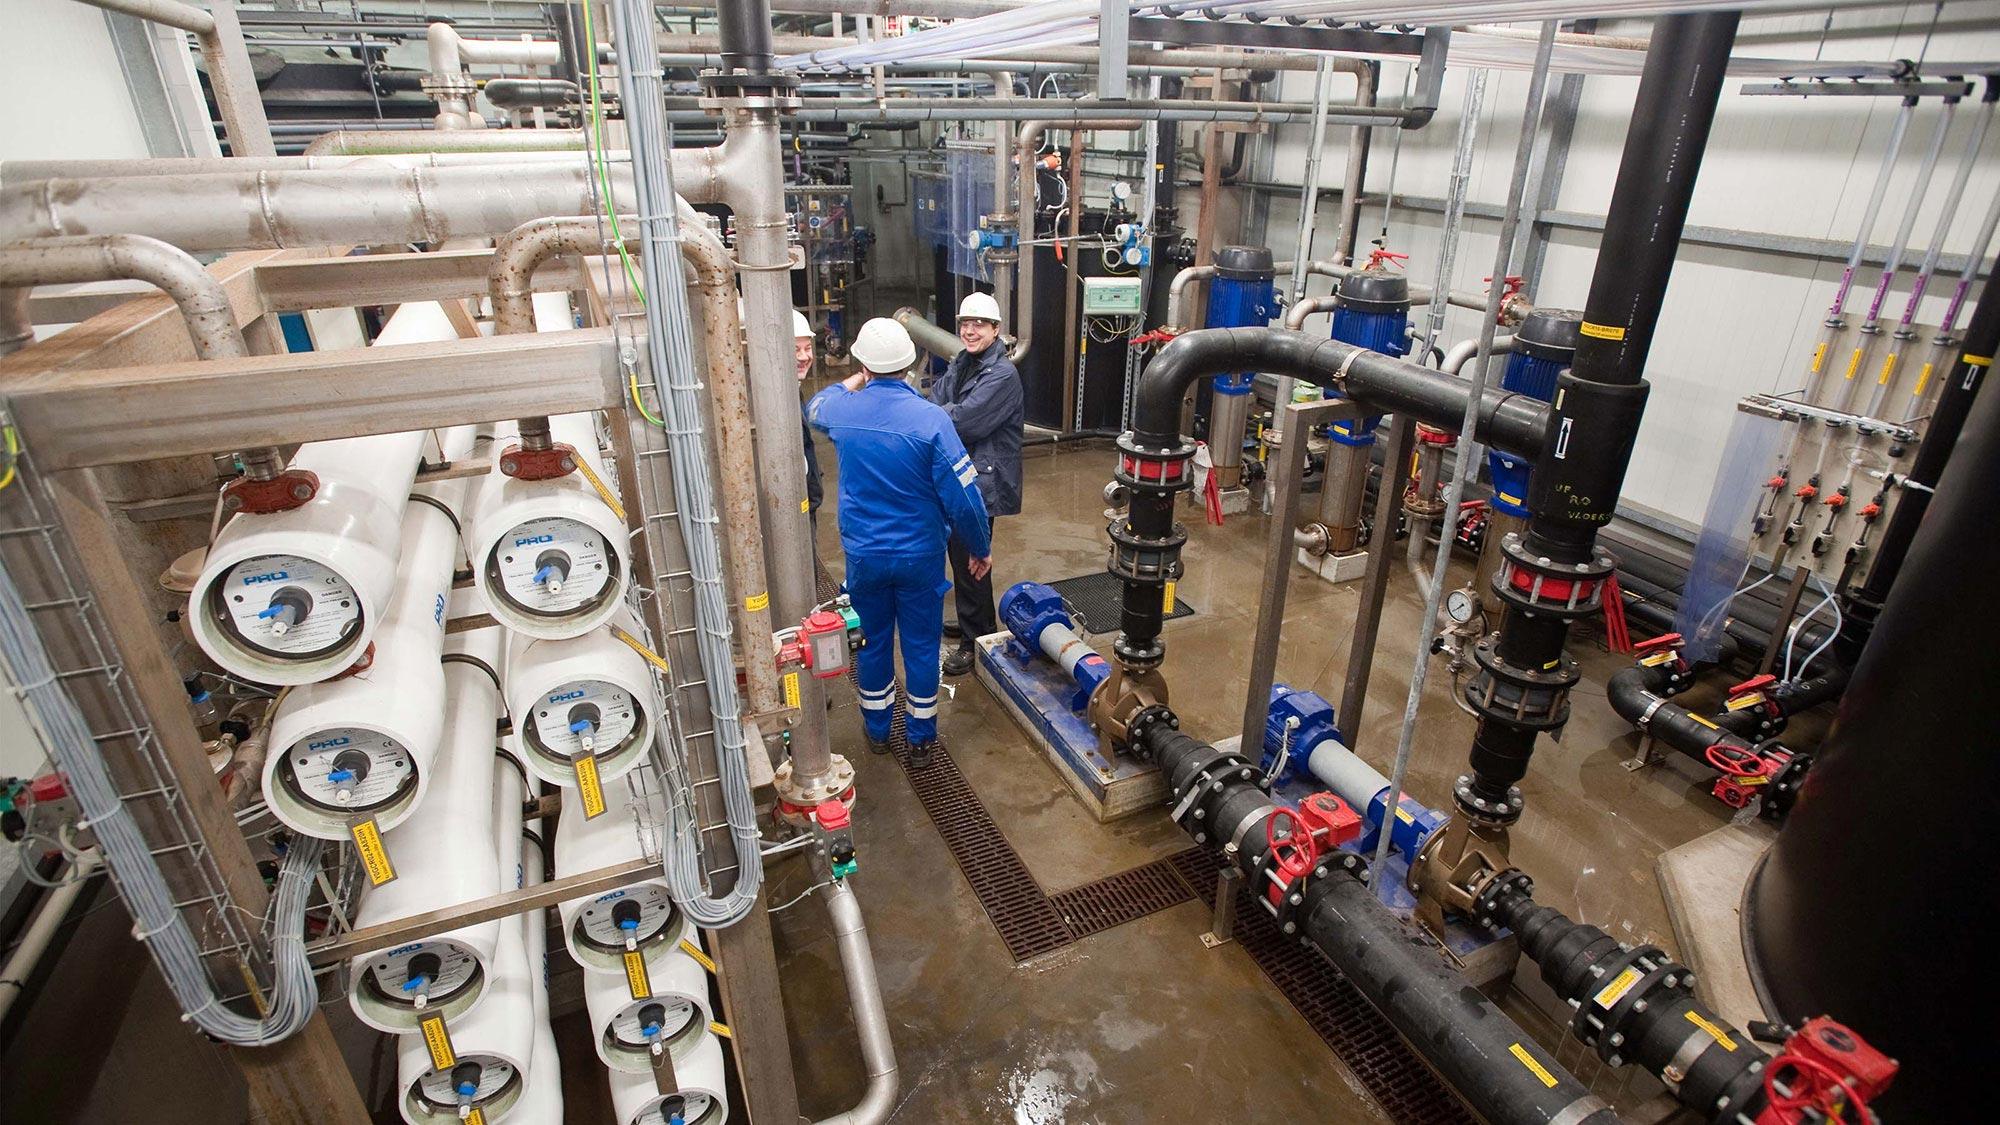 installations de traitement d'eau industrielle